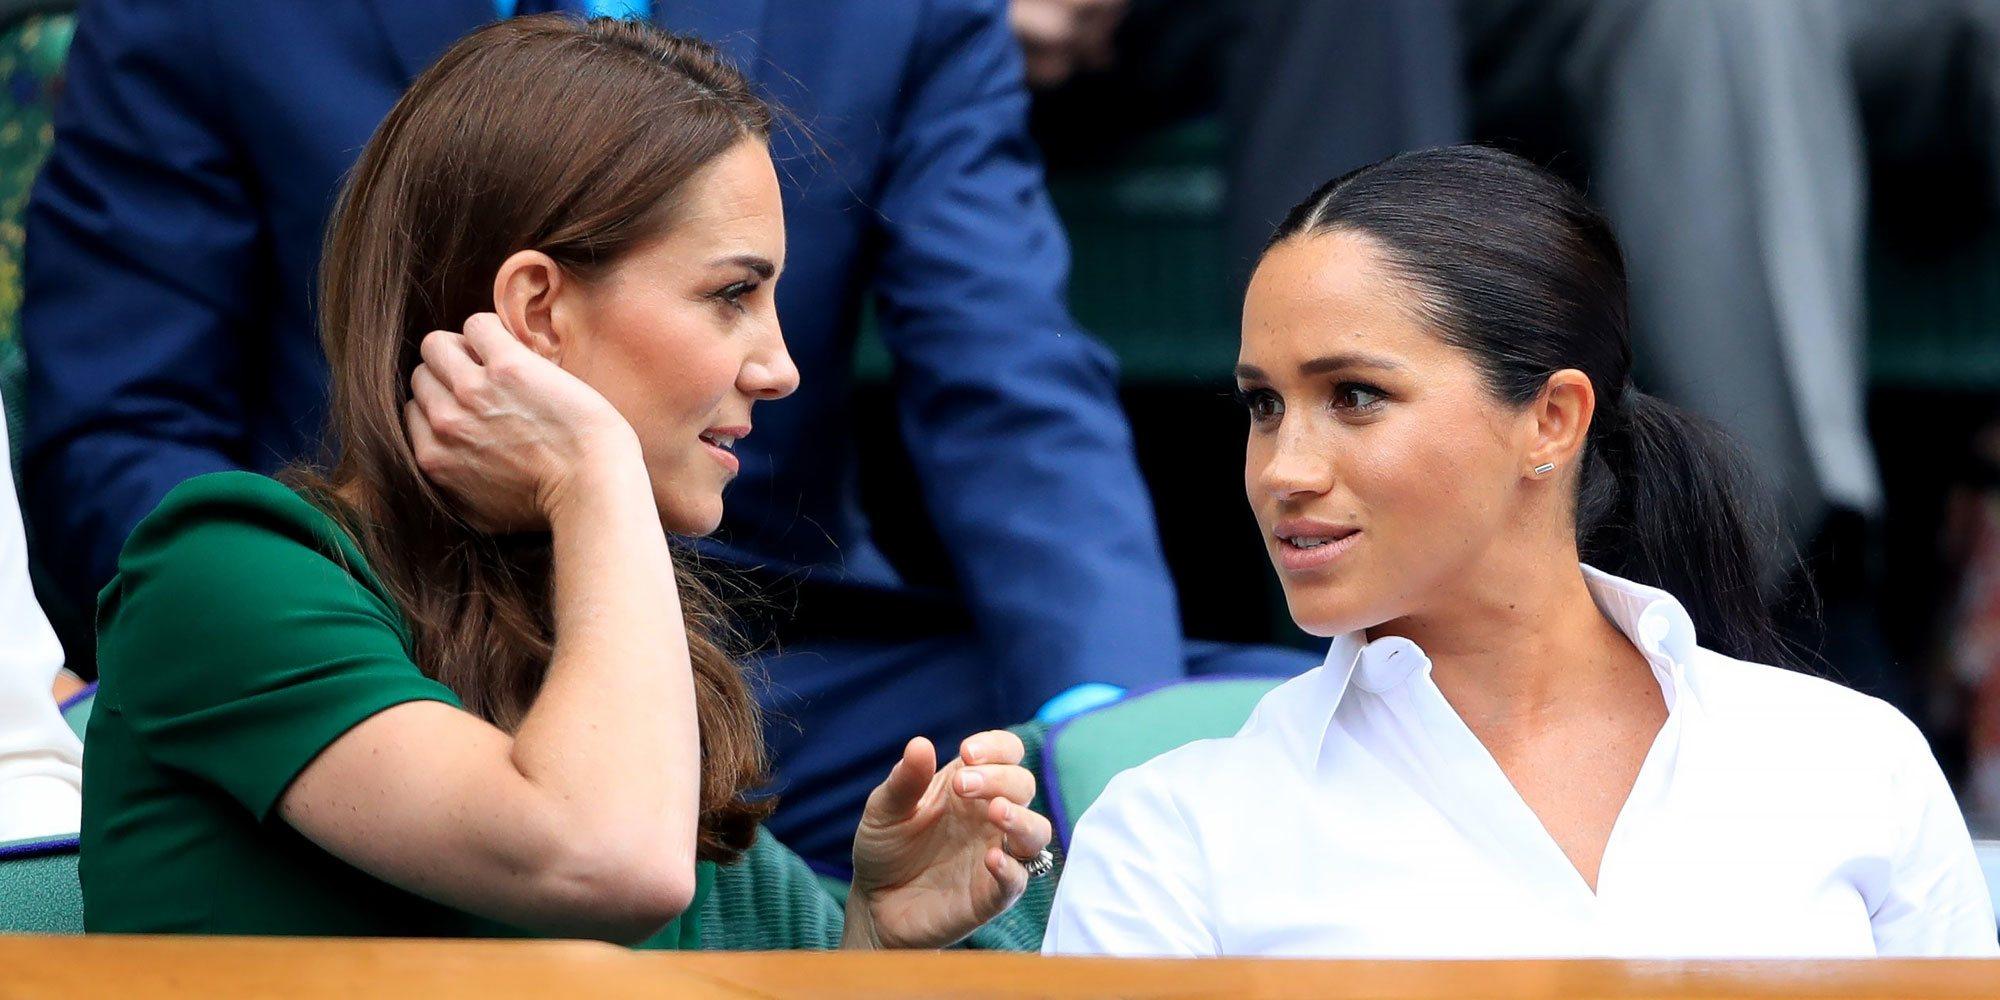 Lo que Meghan Markle no quiso decir sobre Kate Middleton: el motivo por el que empezó la pelea que acabó en lágrimas